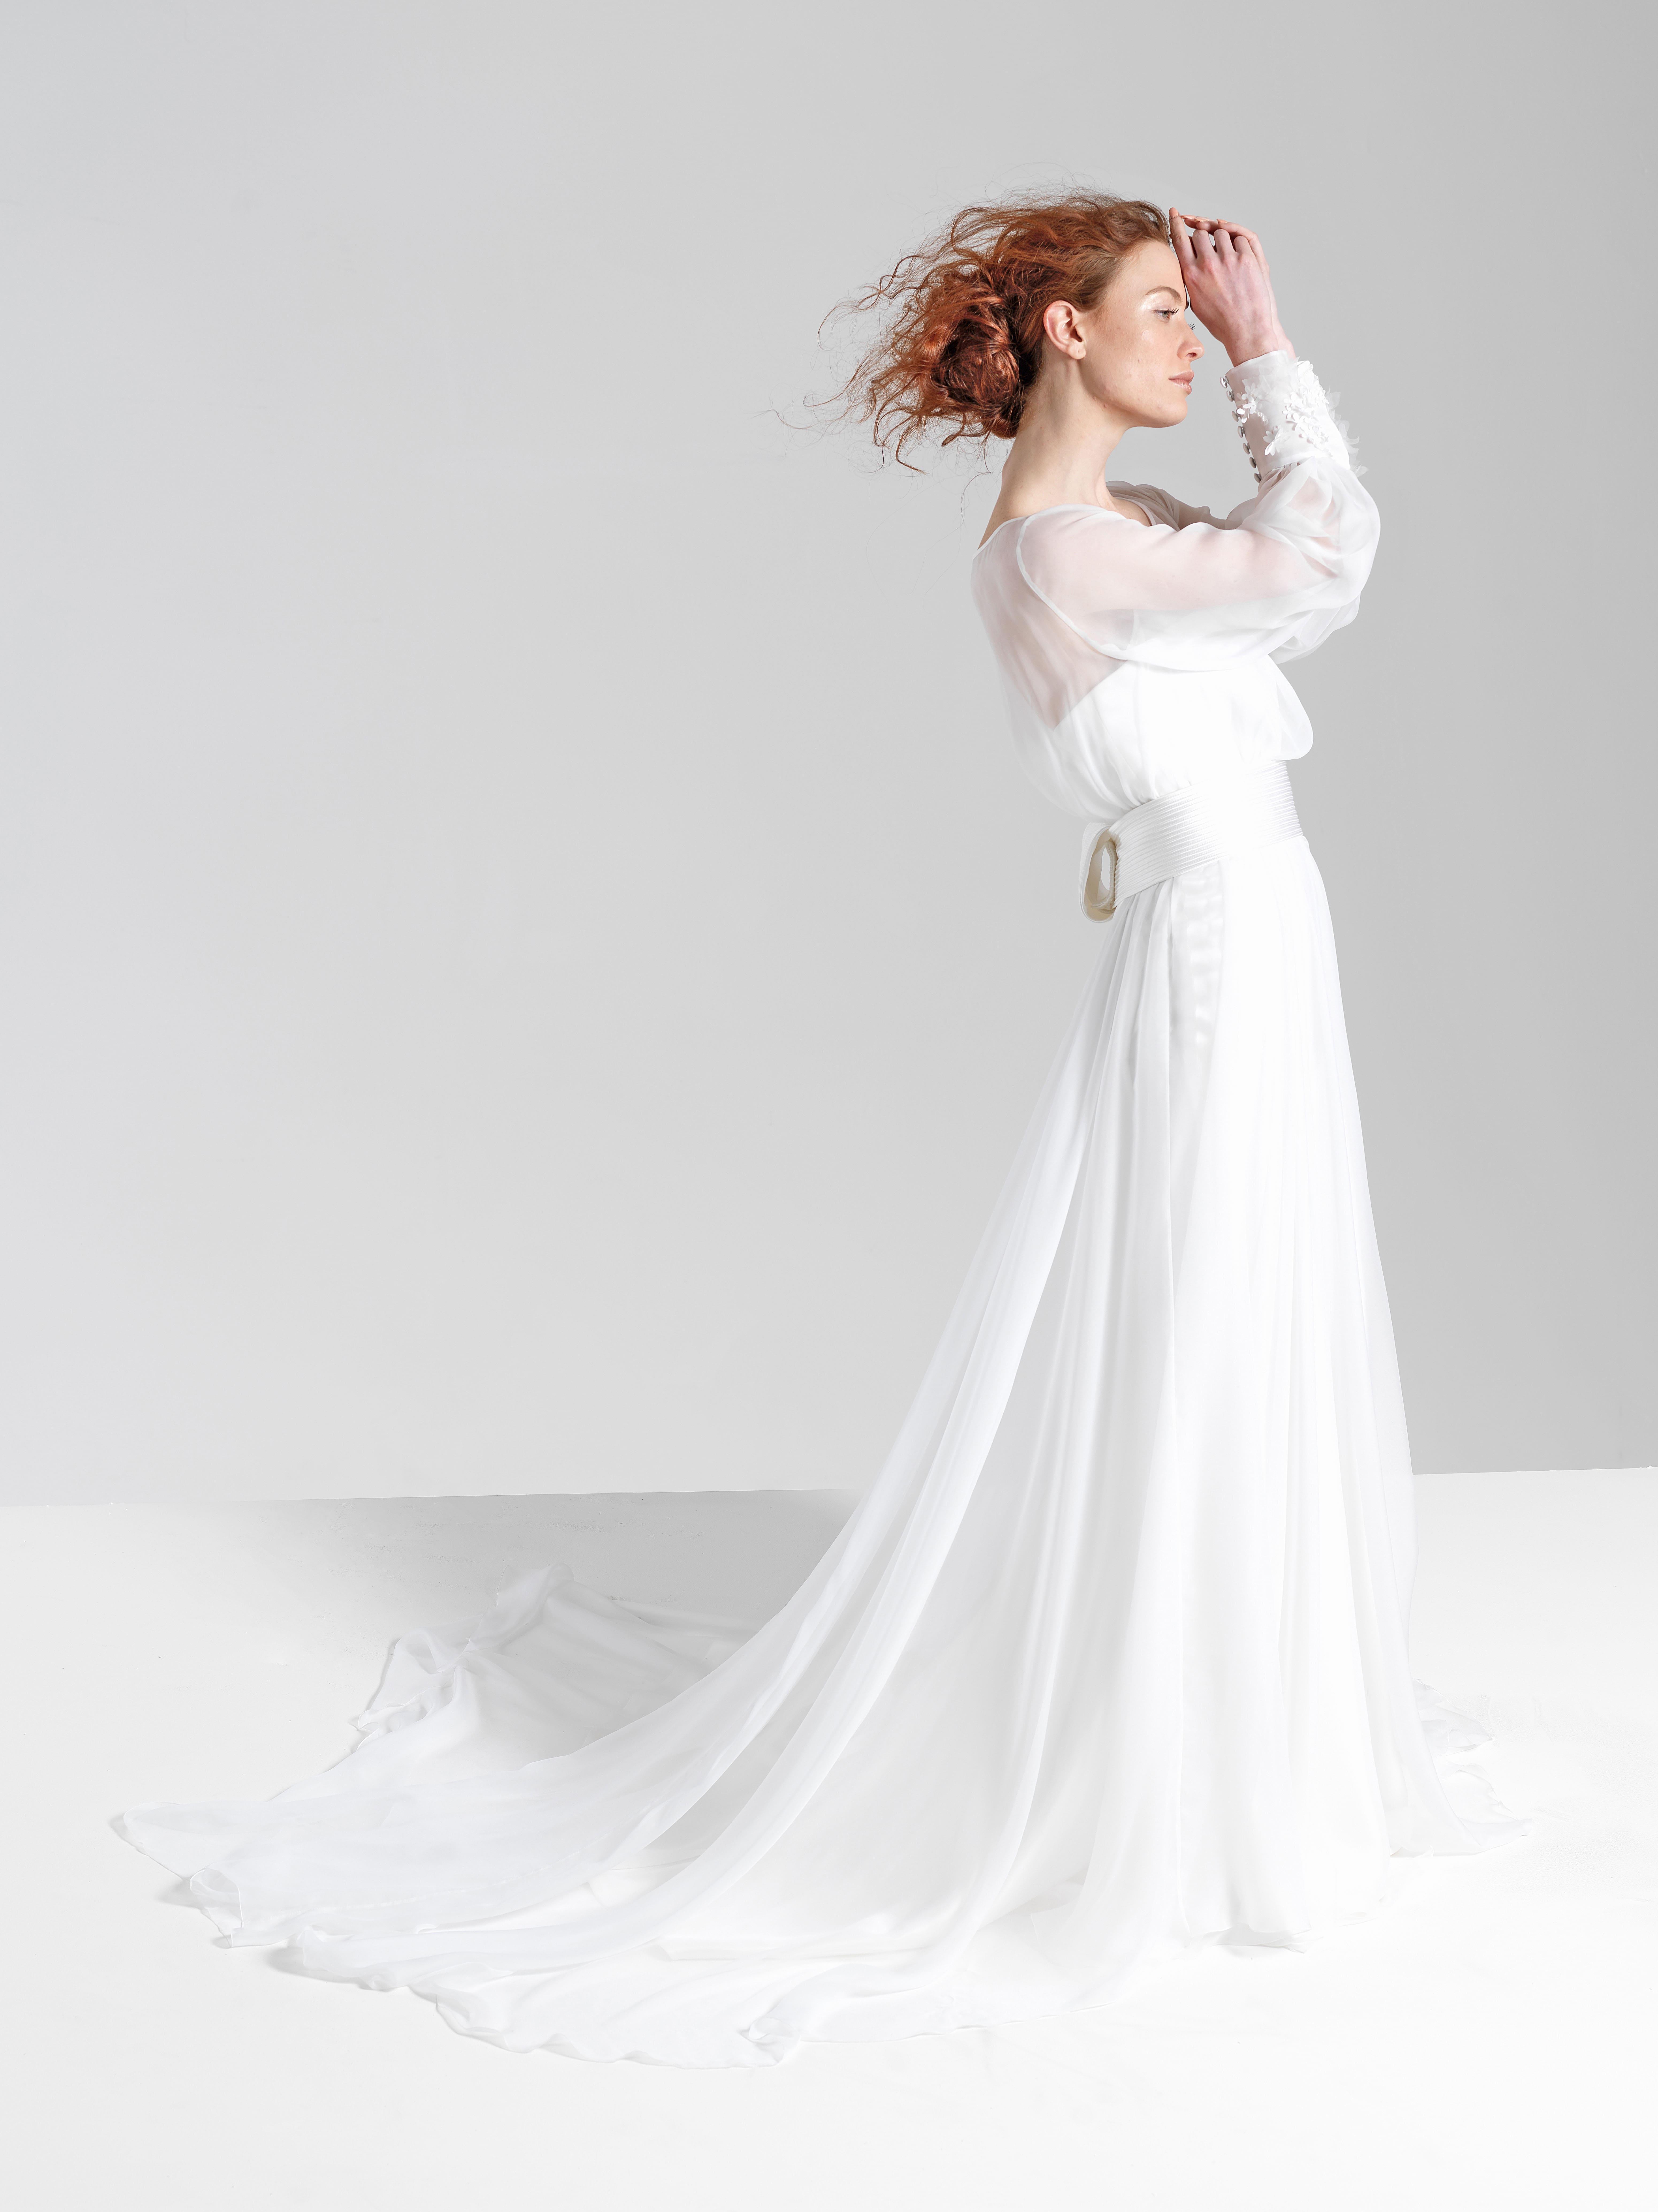 495a75a39267 Brand abiti da sposa  su Sposi Magazine 2019 ...